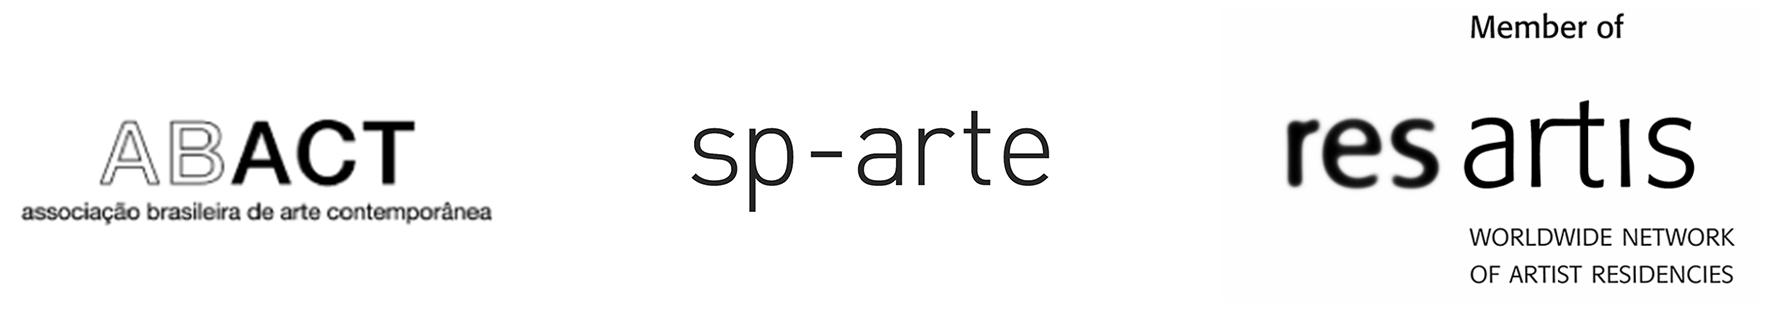 RESARTIS + SPARTE + ABACT TOPO.jpg